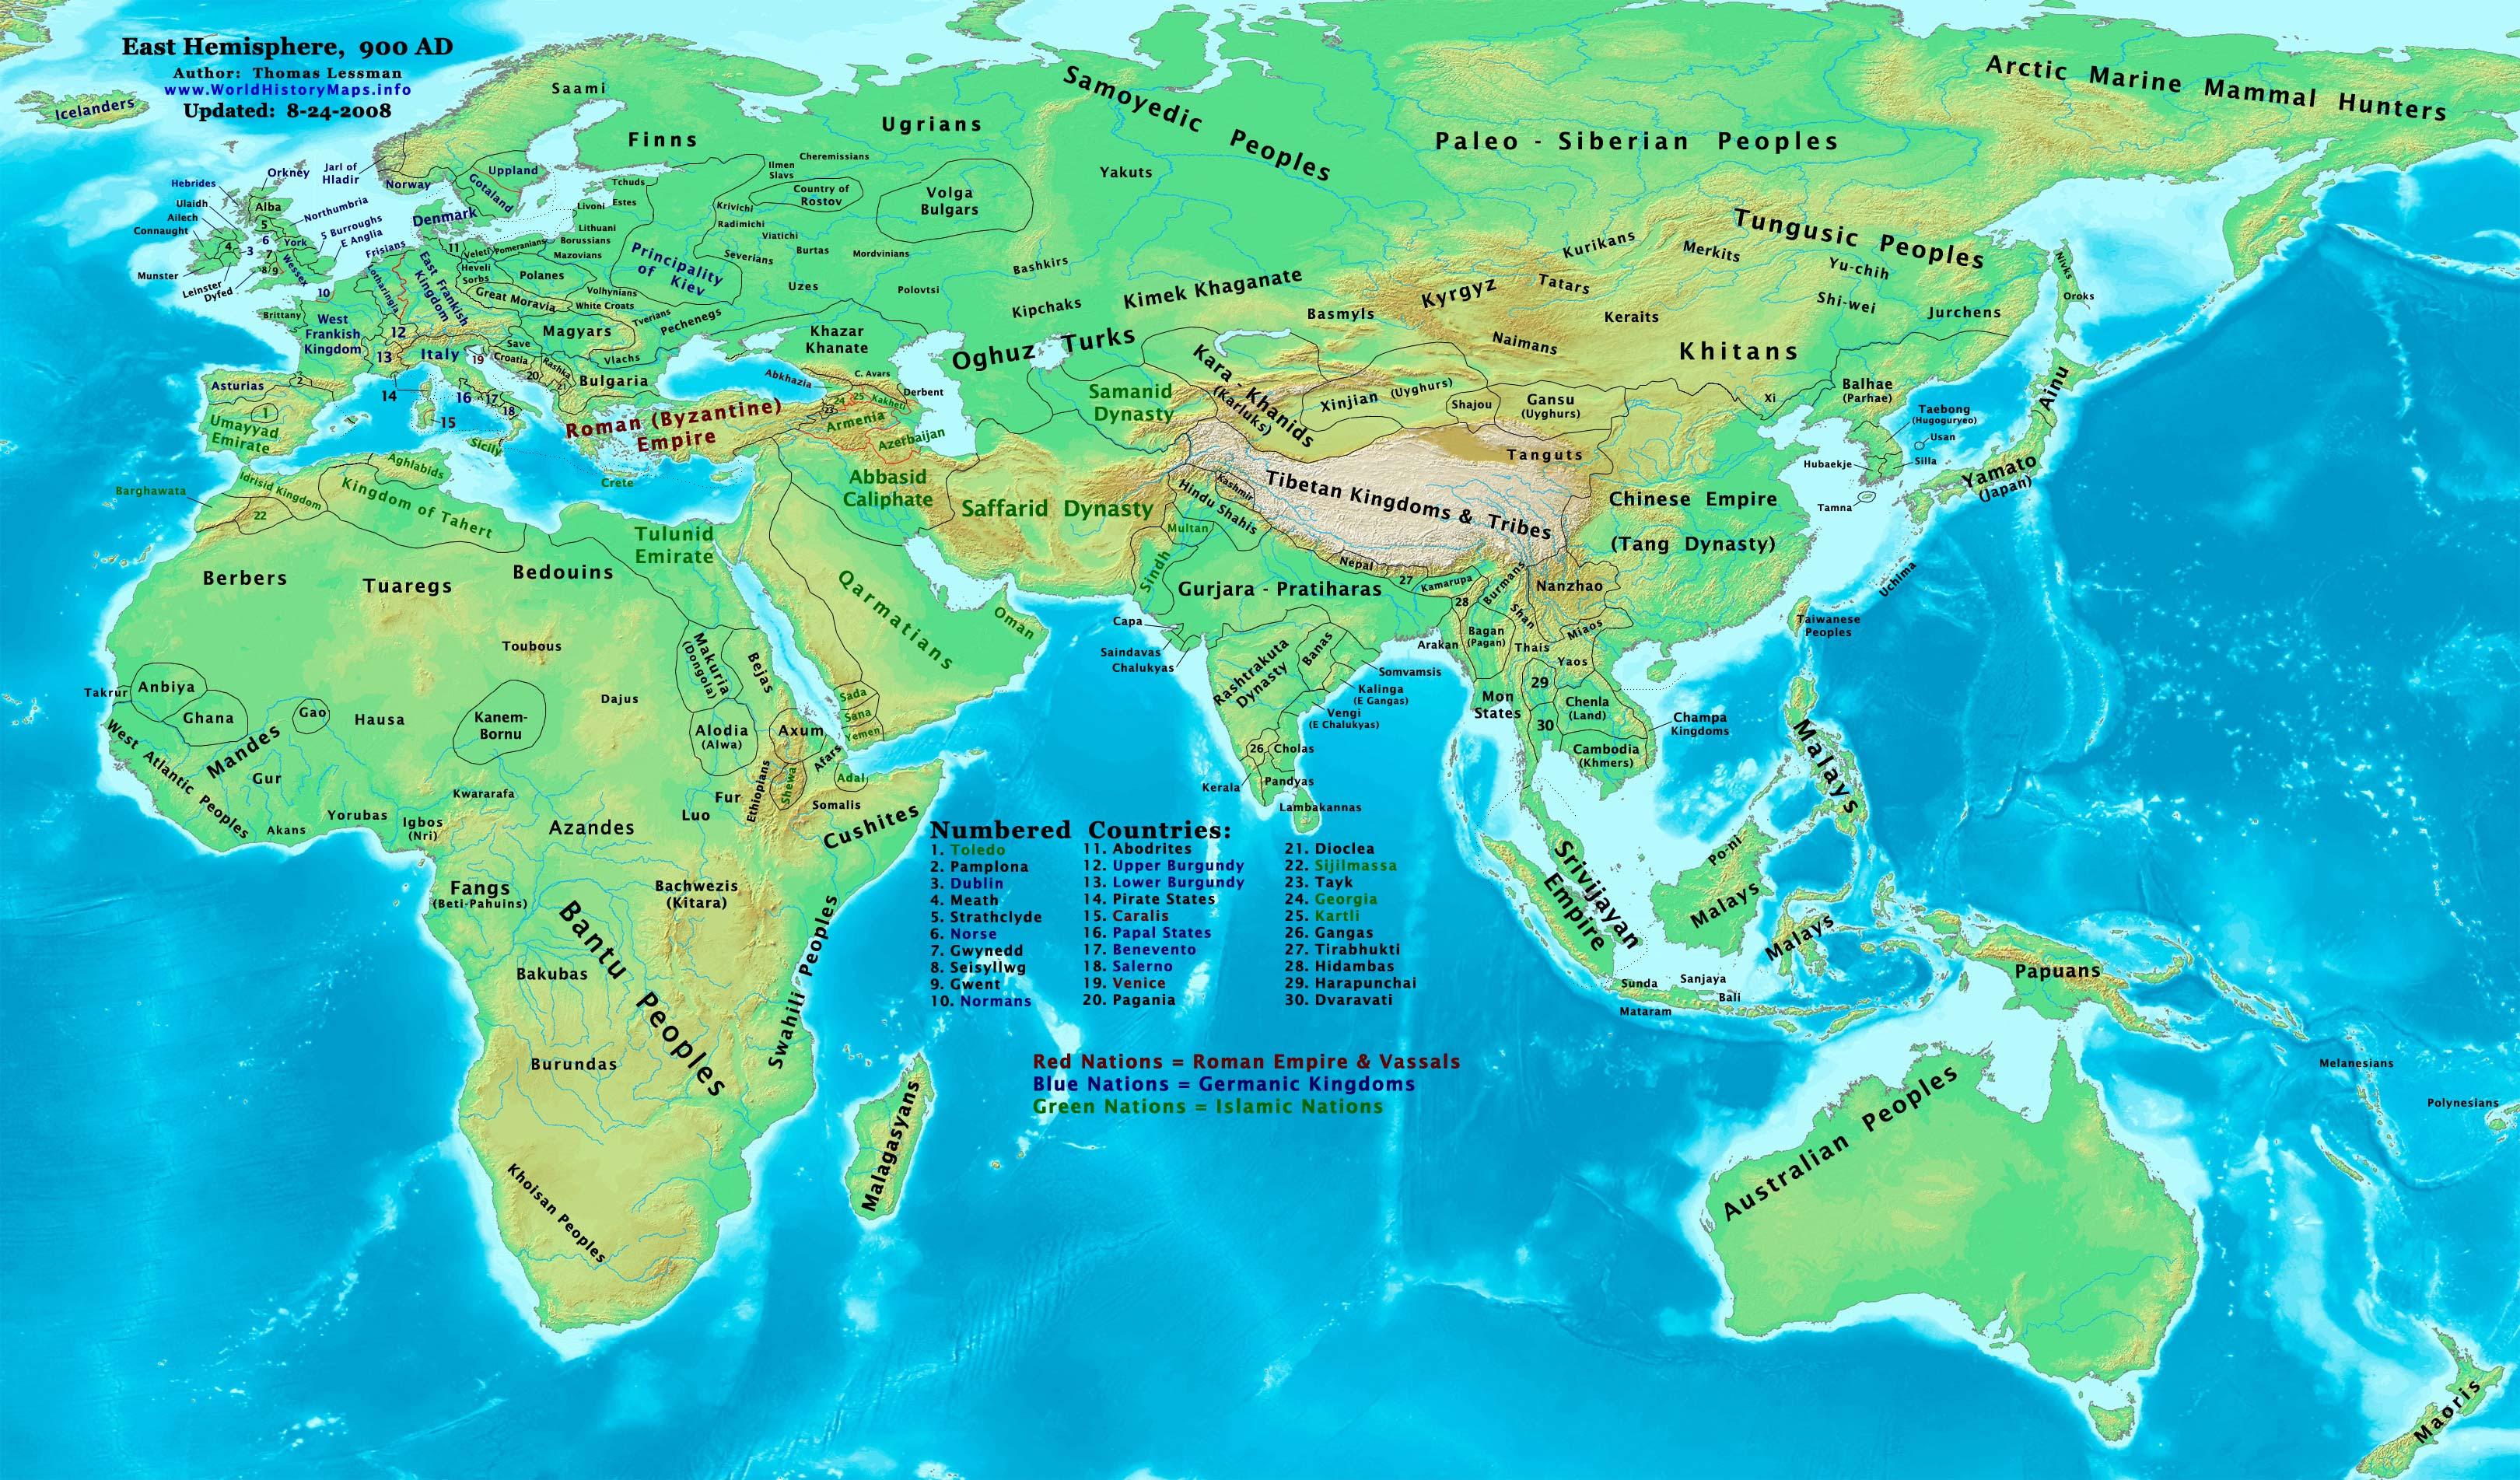 http://worldhistorymaps.info/images/East-Hem_900ad.jpg